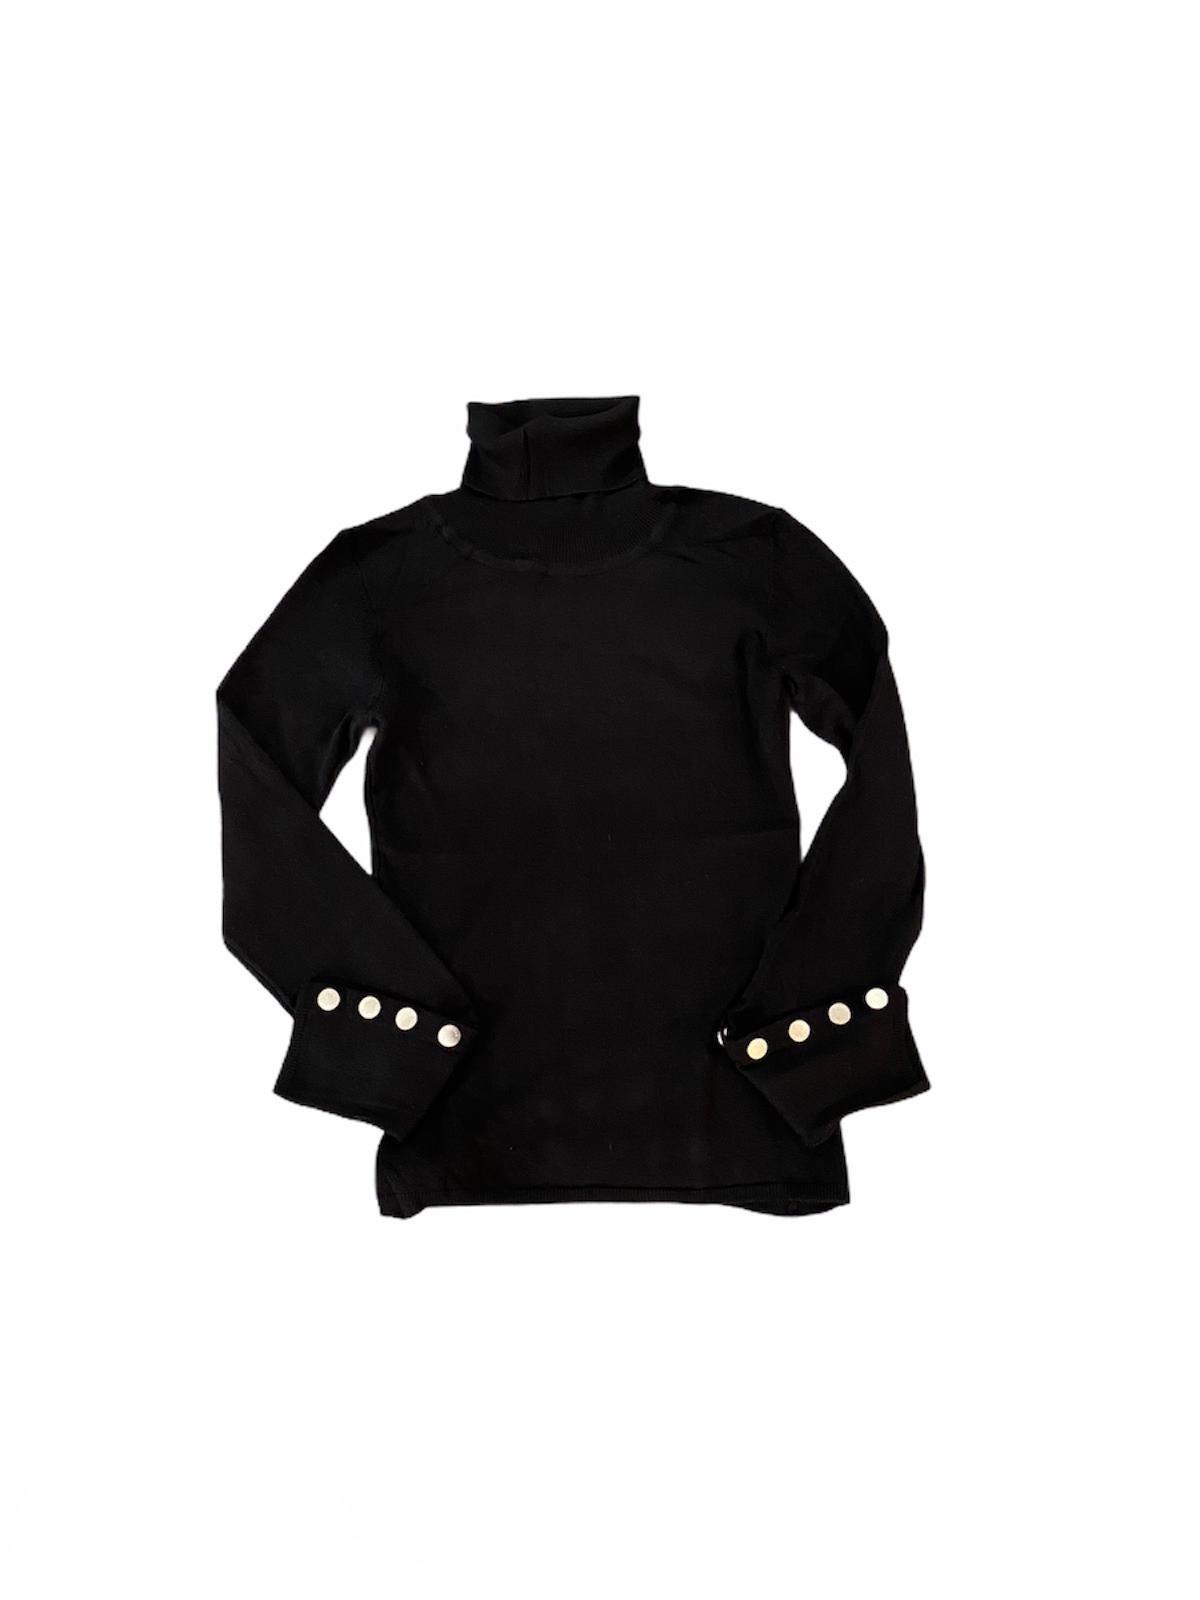 Silvian Heach A/W Sweater BOWFINGER Silvian Heach